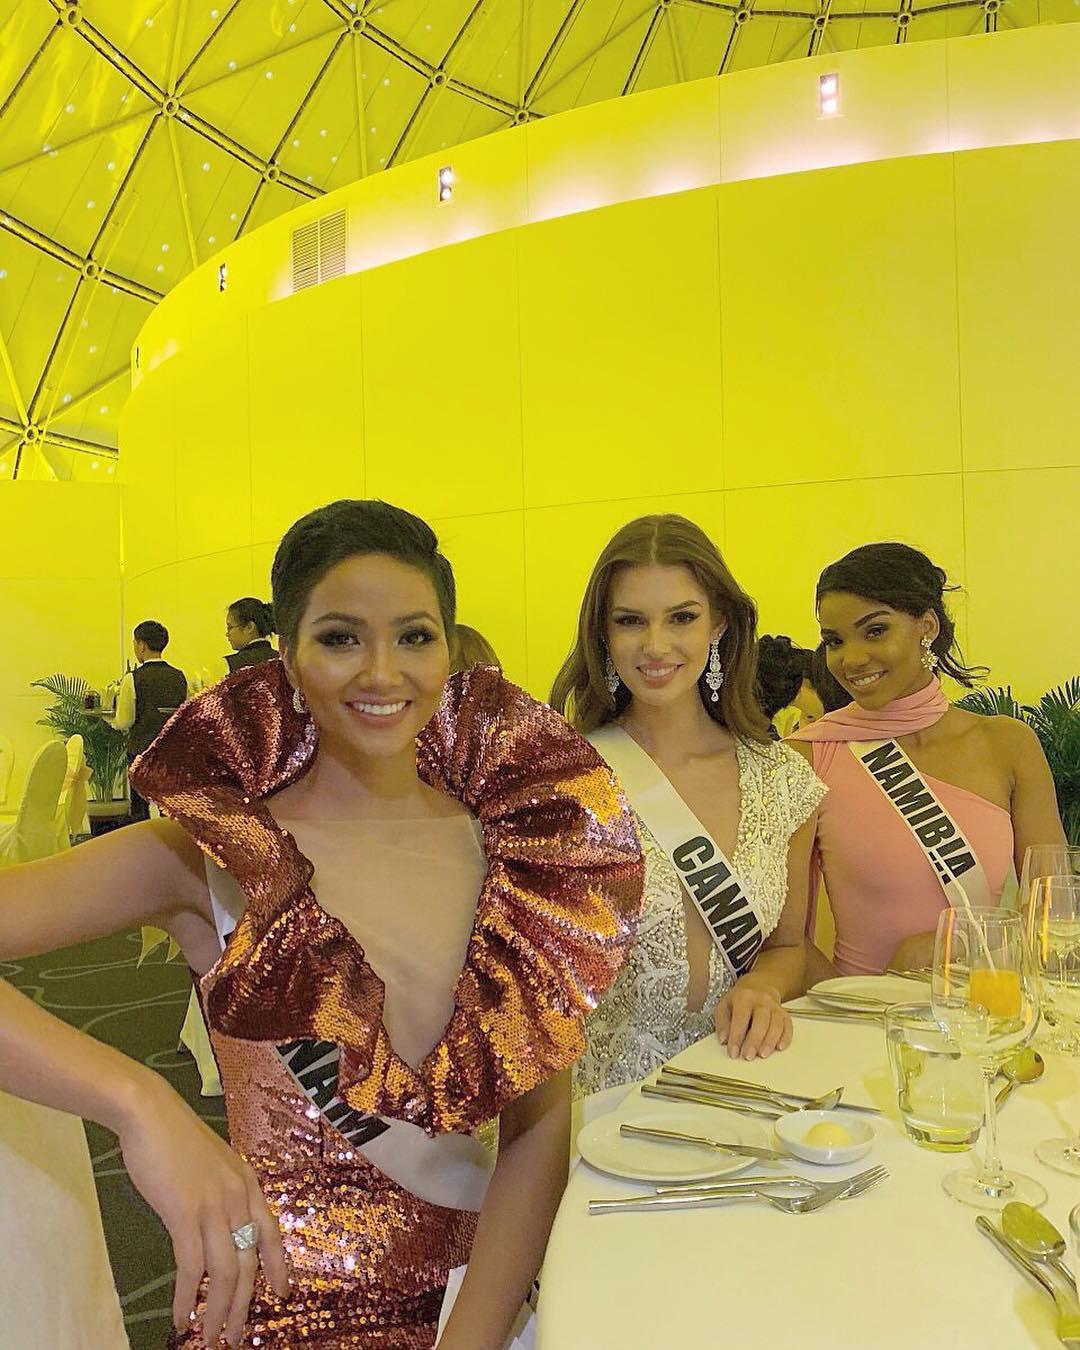 H'Hen Niê Miss Universe: Trang phục của H'Hen Niê tại Hoa hậu Hoàn Vũ - Ảnh 8.